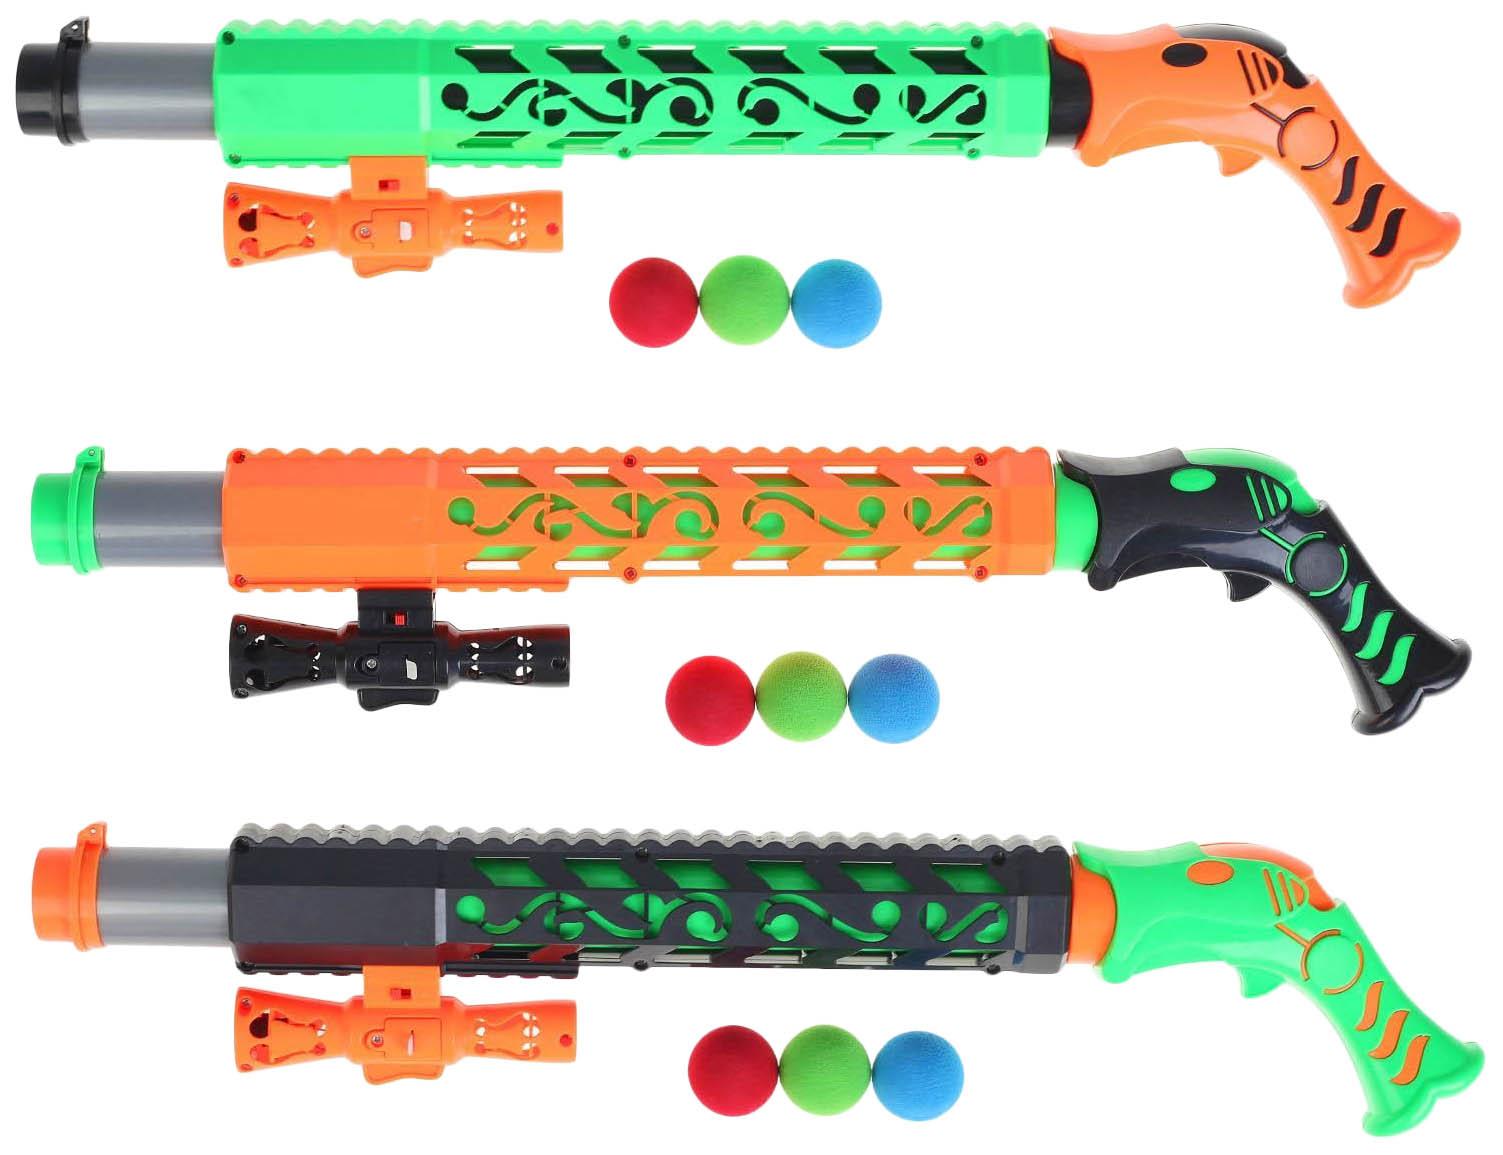 Купить Игрушка для снега Снежкострел с лазерным прицелом, Sima-land, Стрелковое игрушечное оружие